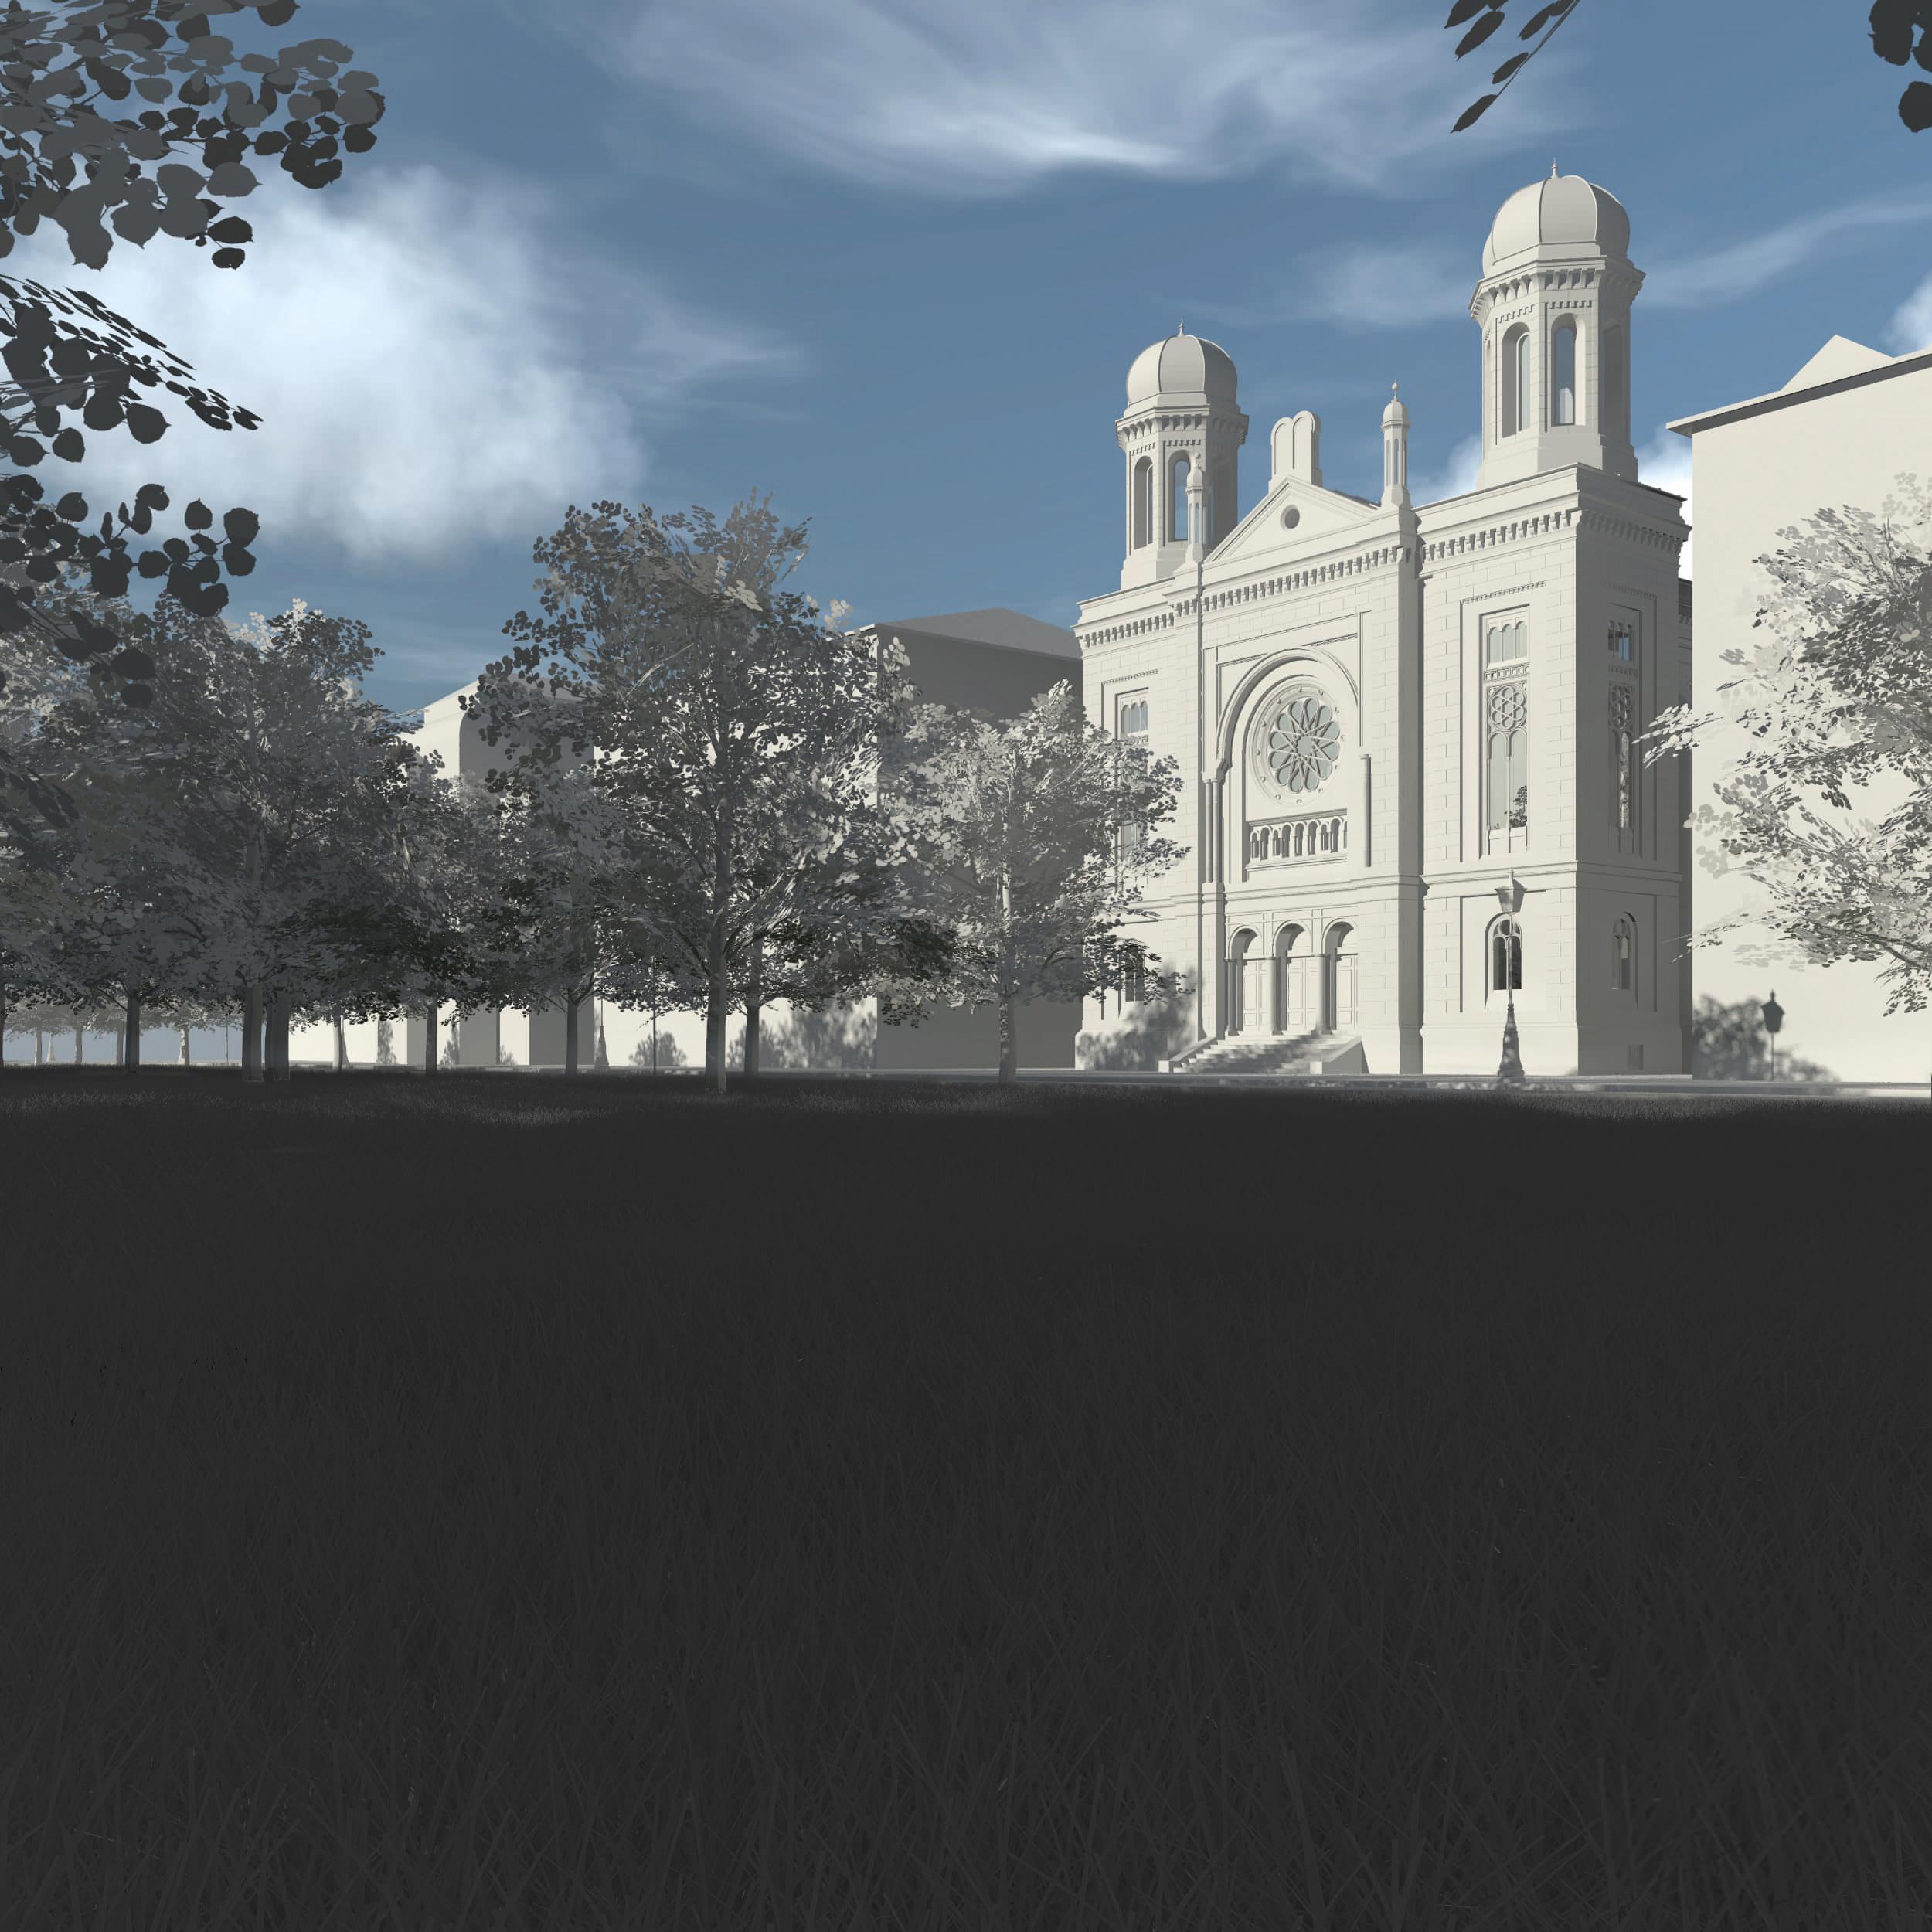 Visualisierung der Synagoge Marienbad, Park, Weißmodell